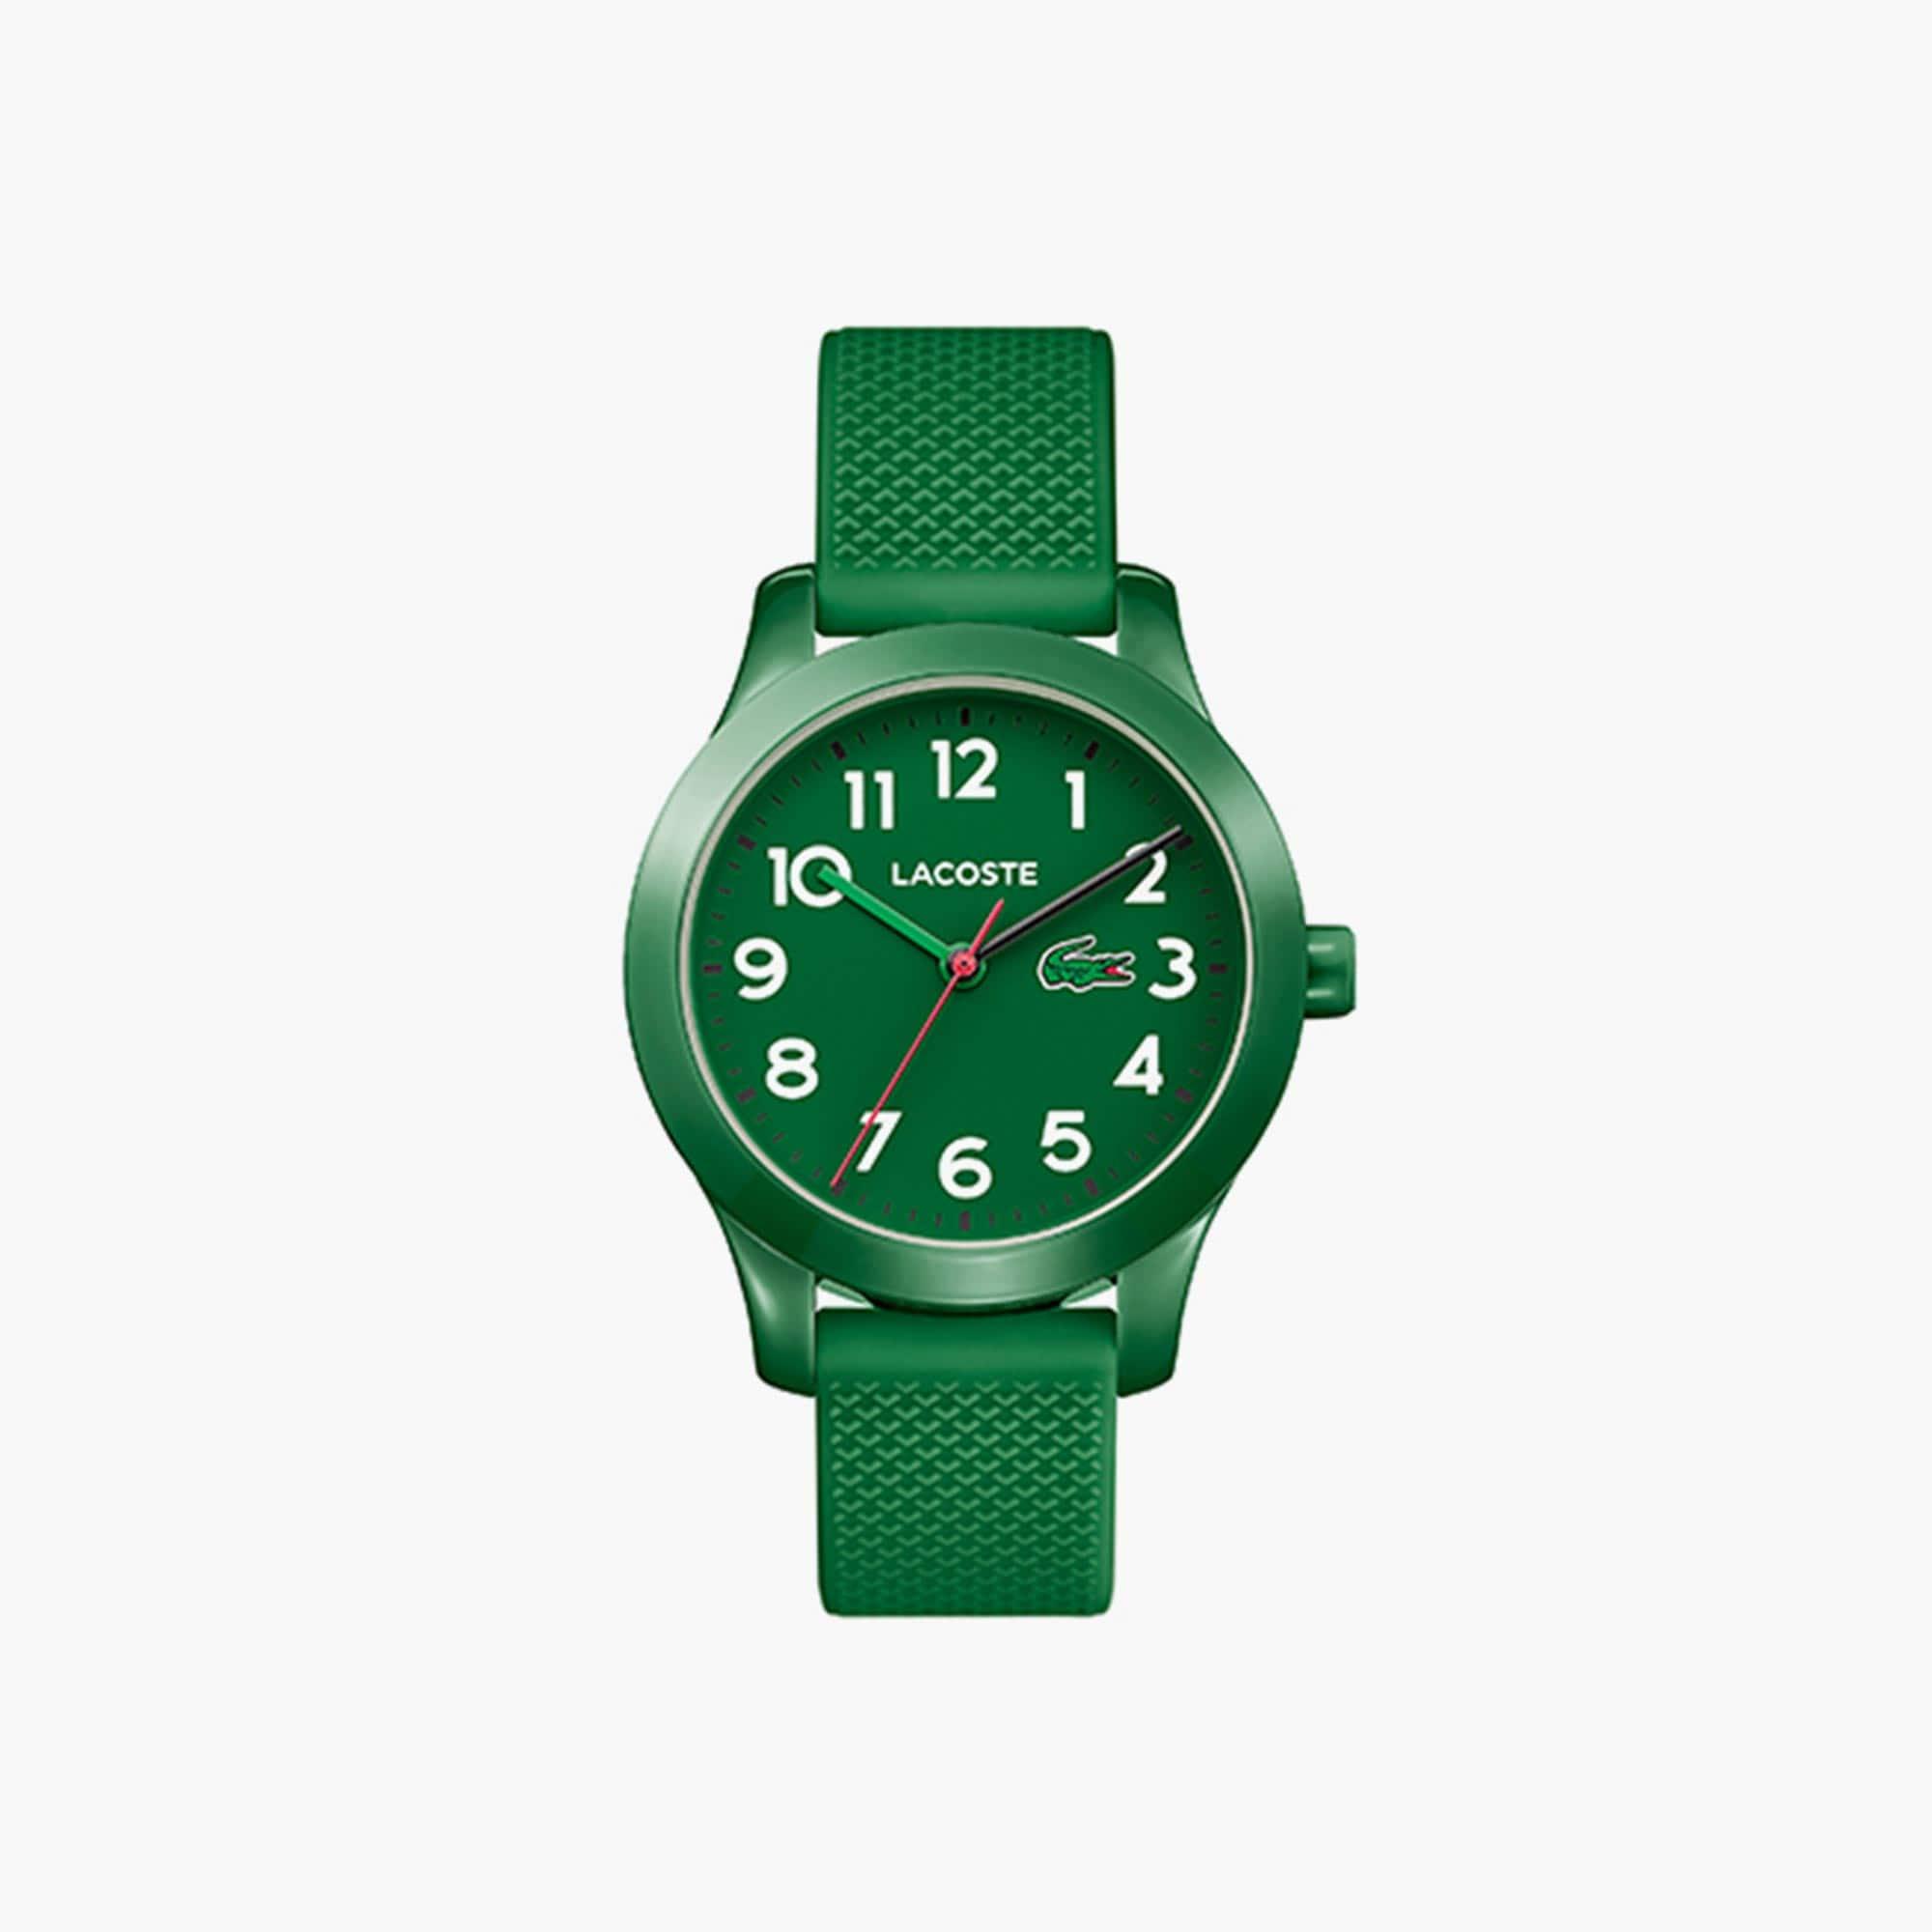 Reloj de Niño Lacoste 12.12 con Correa de Silicona Verde